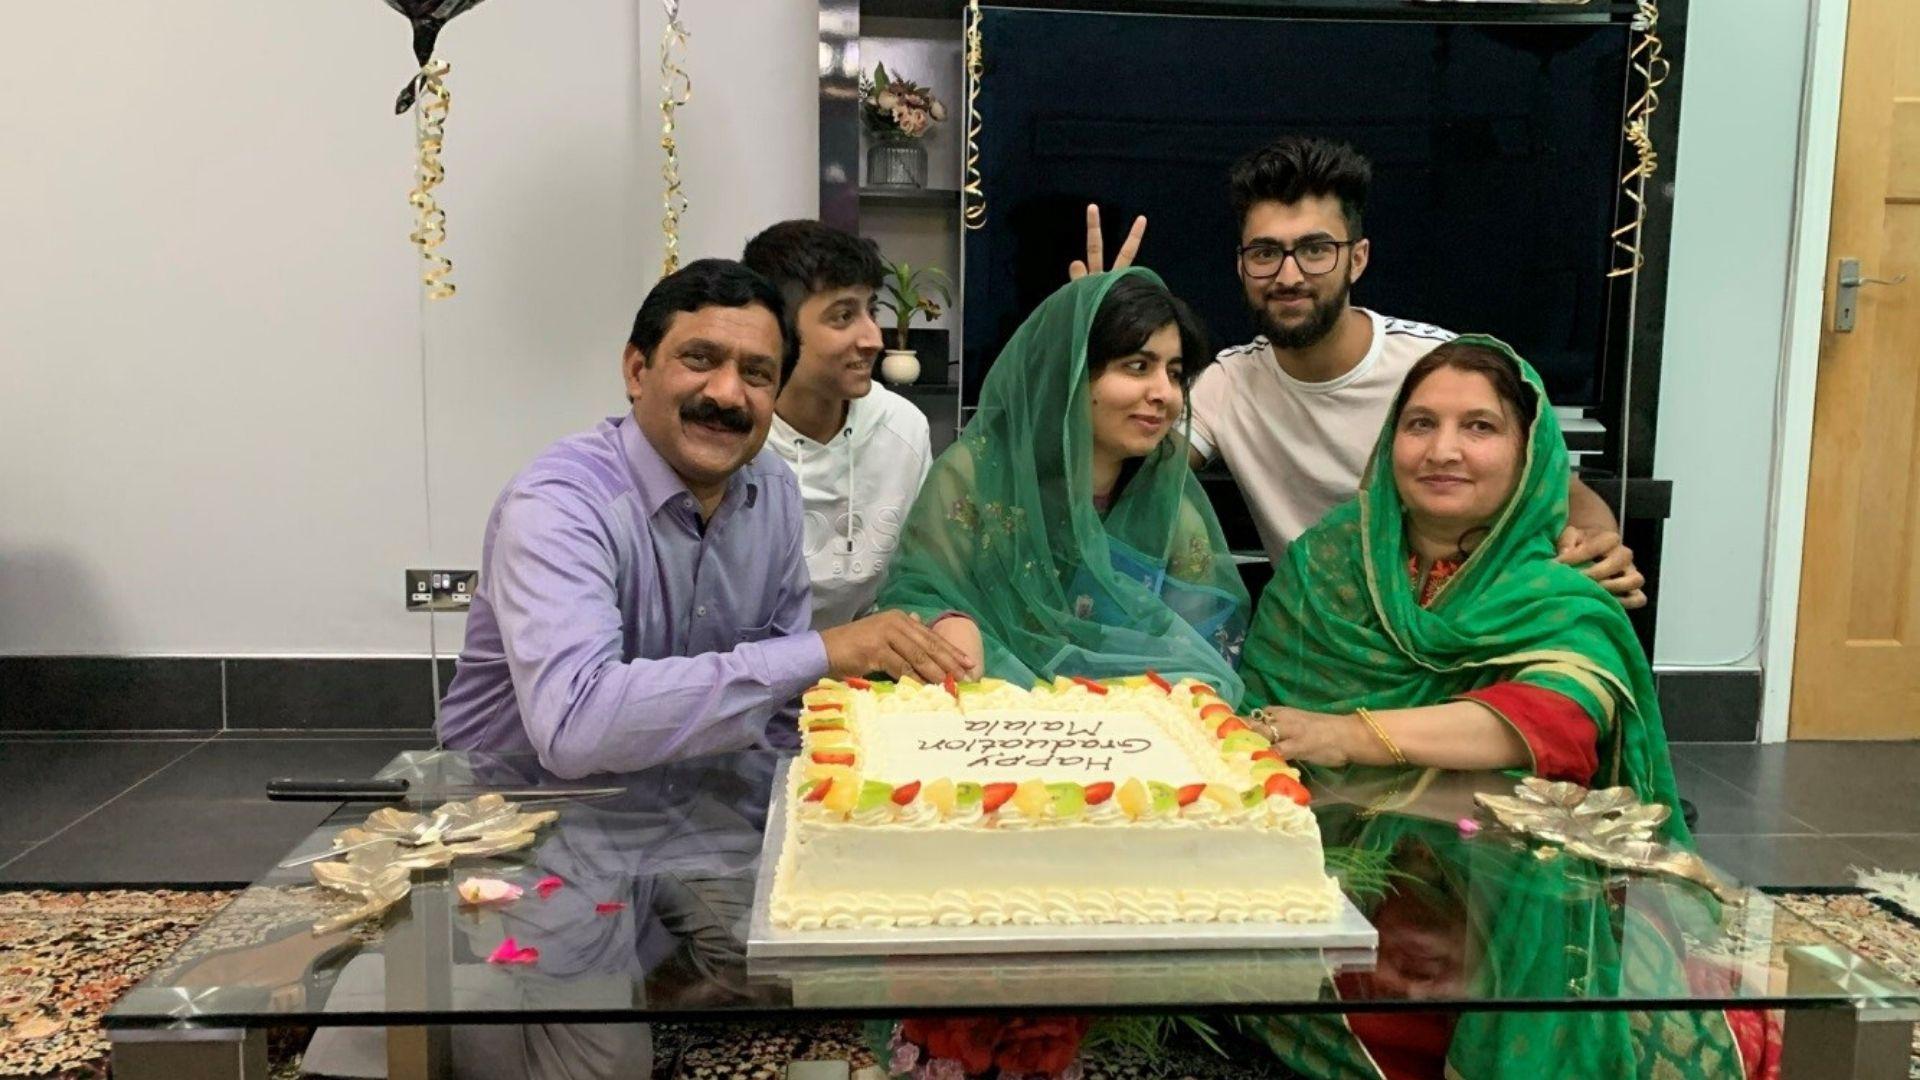 მალალა იუსაფზაიმ ოქსფორდის უნივერსიტეტი დაამთავრა • ForbesWoman